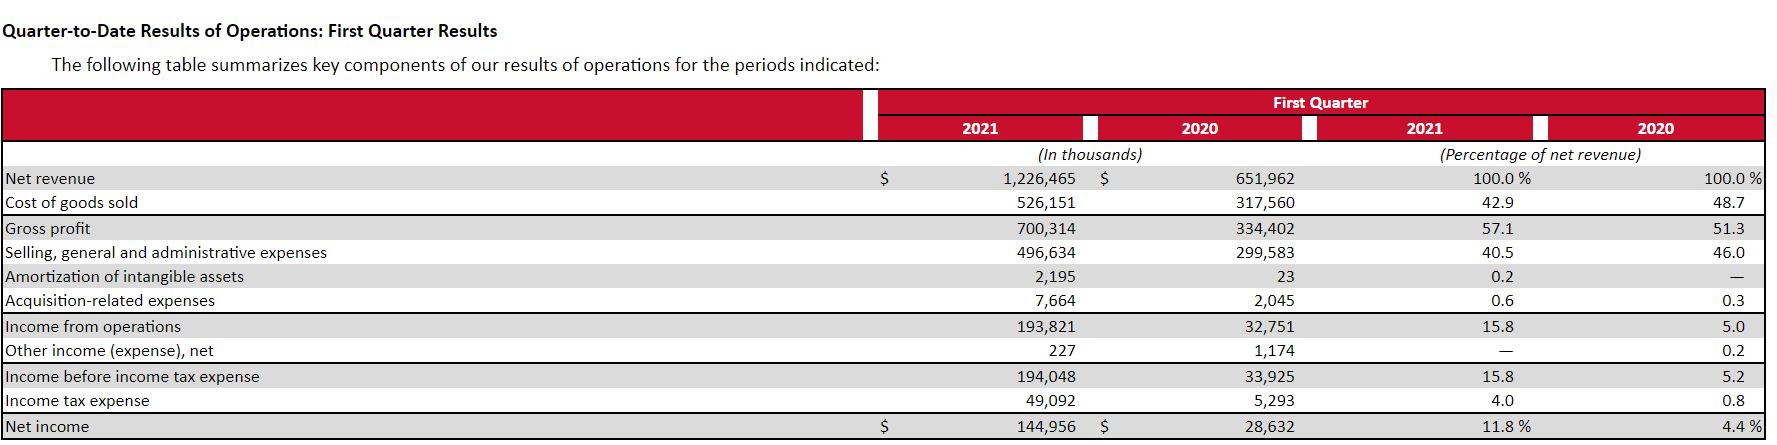 lululemon第一财季净利润增4倍 同比增长406.3%